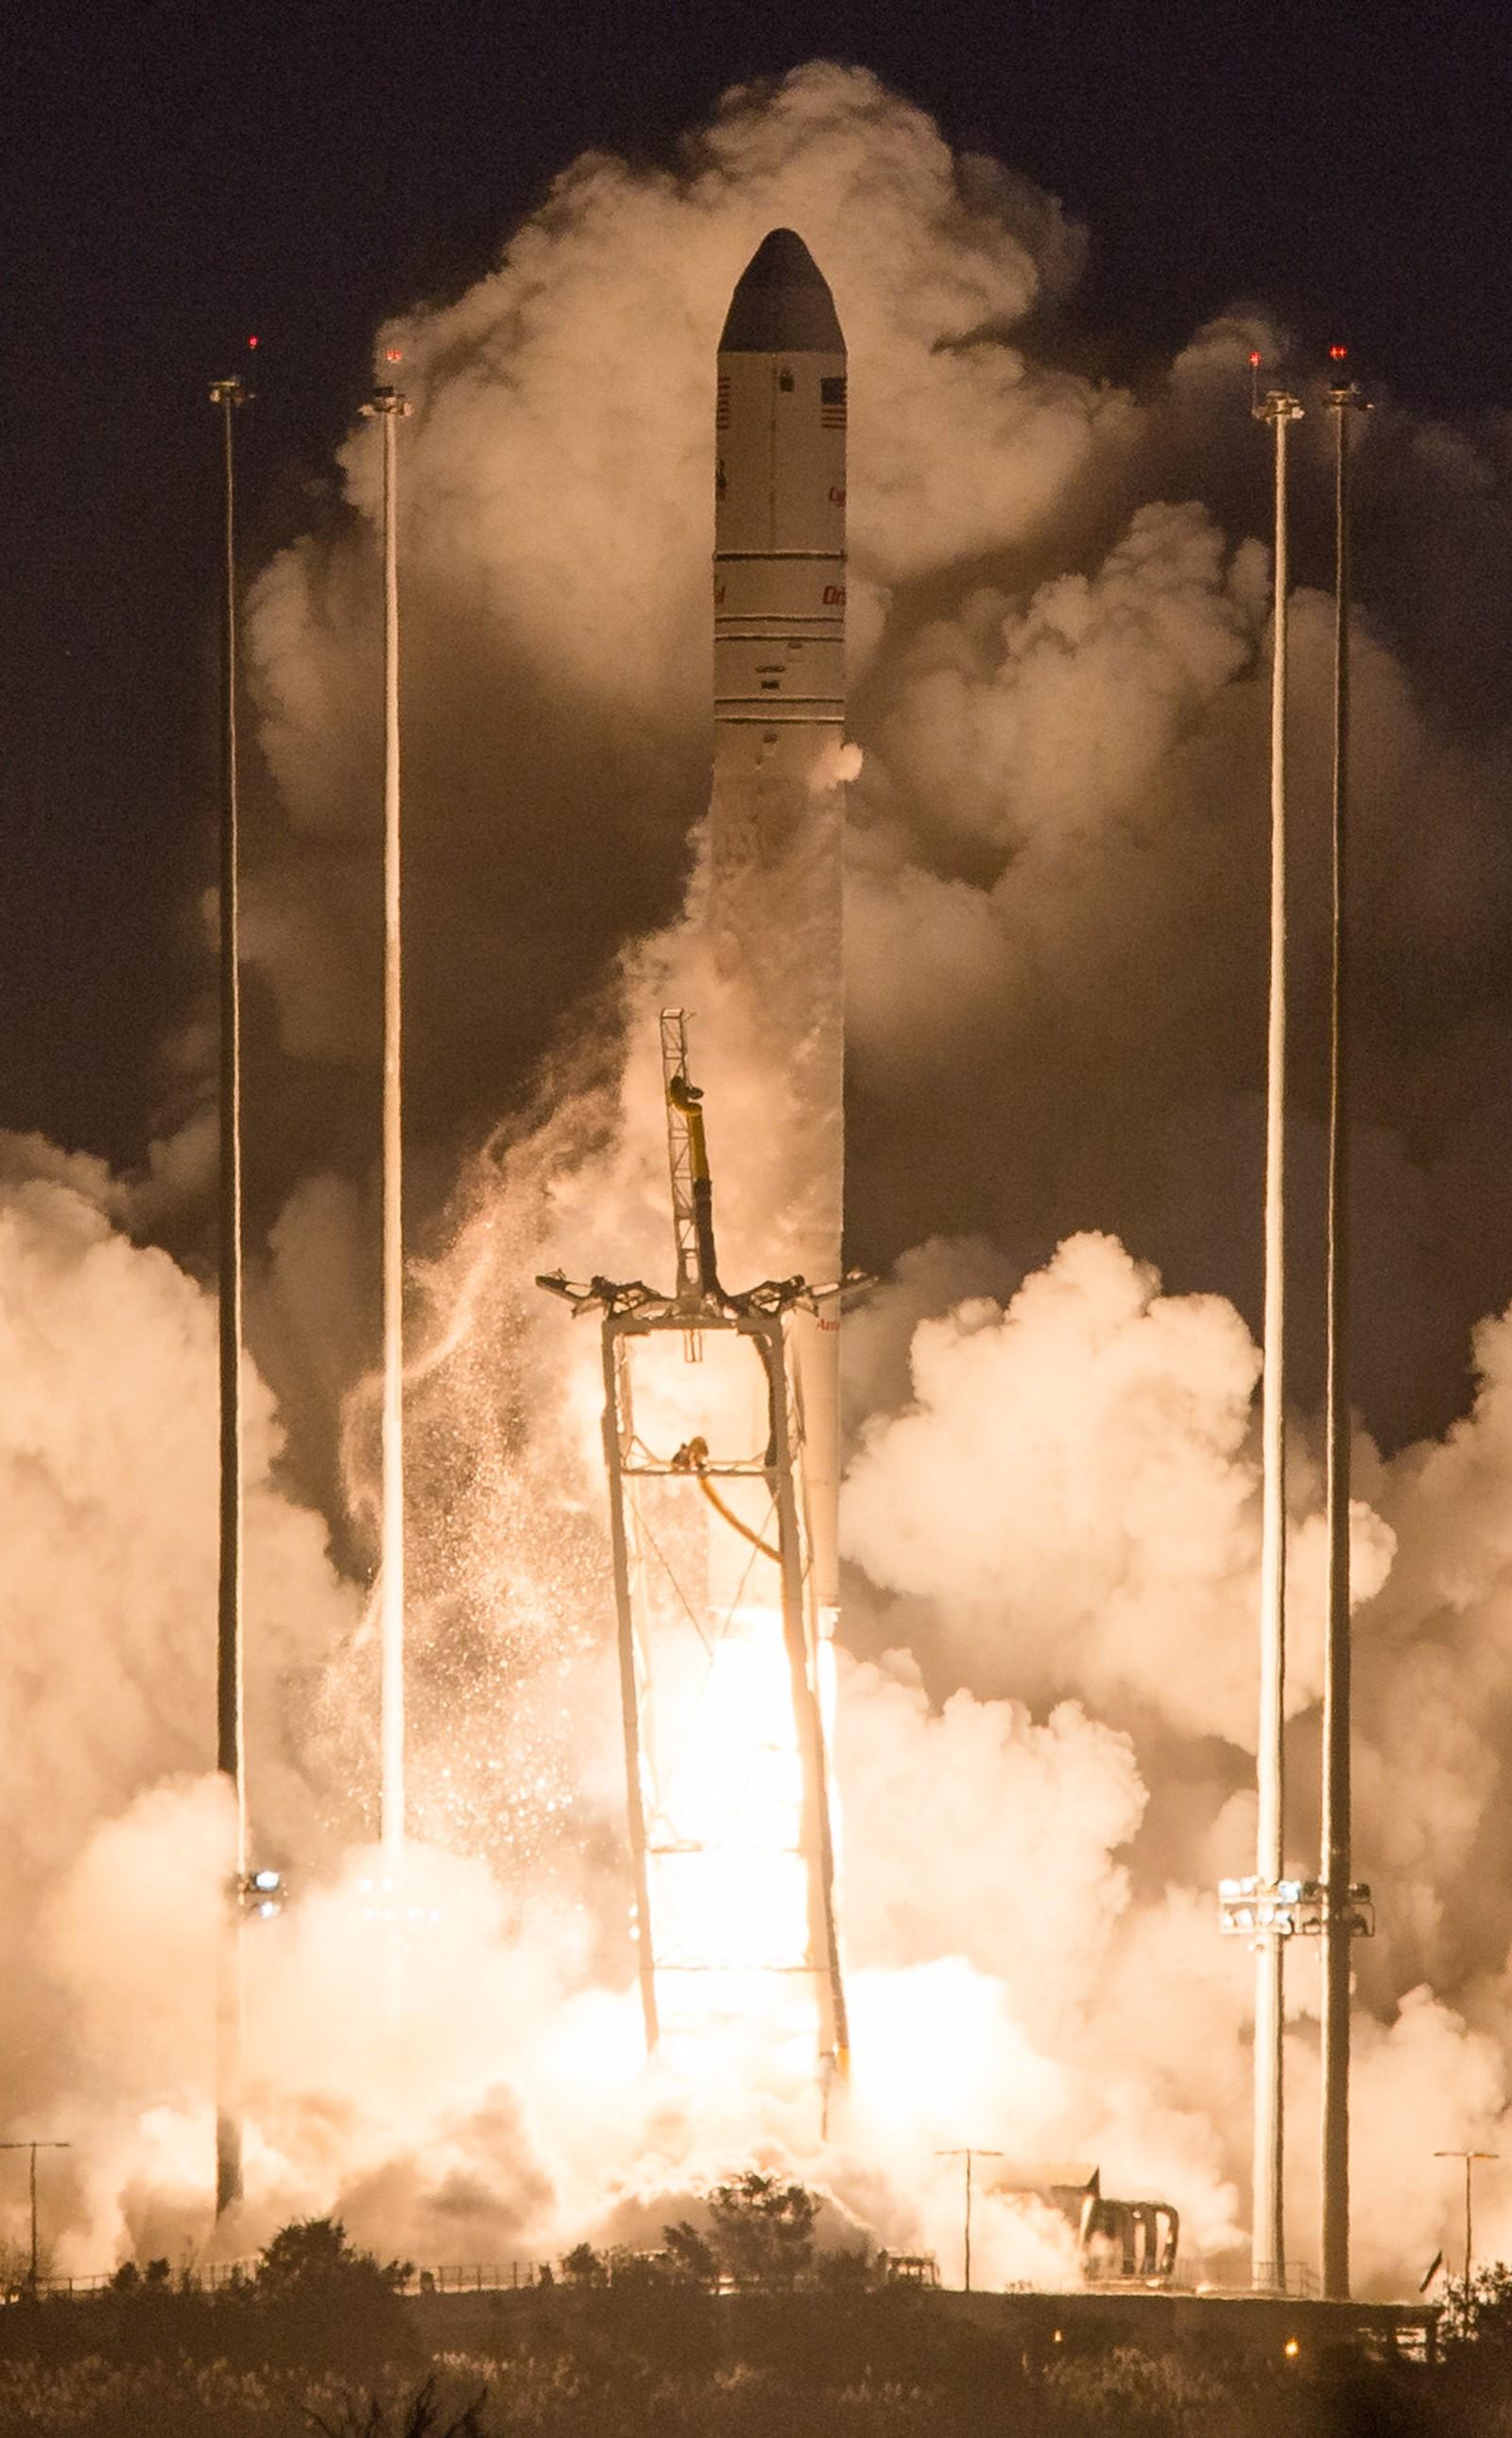 Klokken 22:22:38 UTC tenner motorene og to sekunder senere åpnes låseboltene slik at raketten kan begynne å stige opp fra utskytningsrampen.